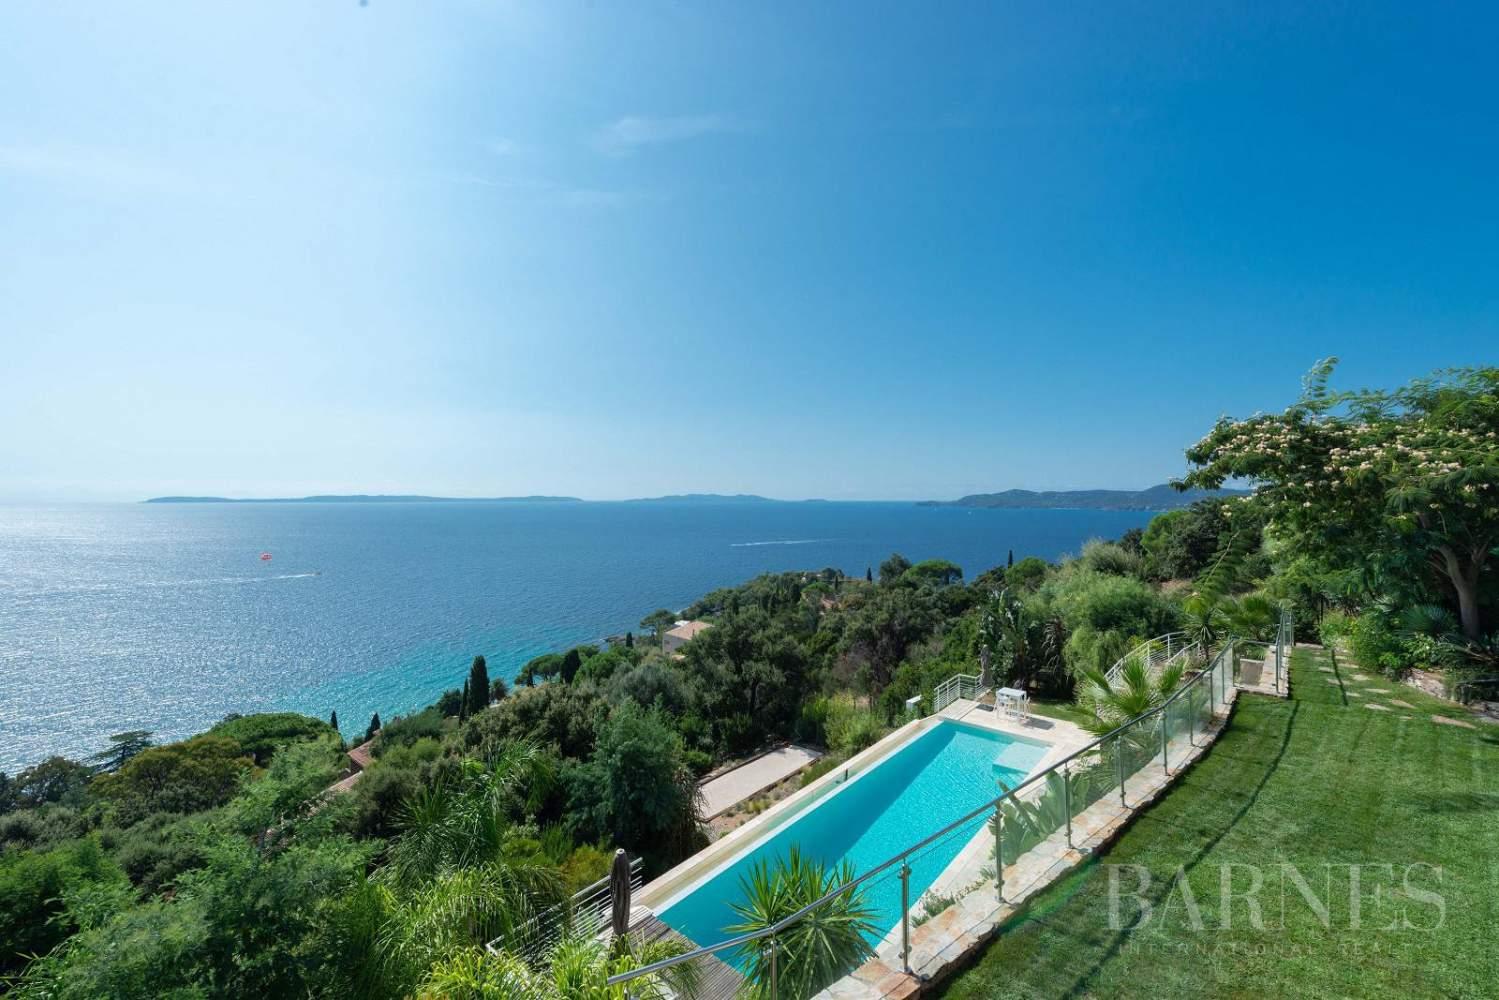 A vendre Le Lavandou villa 6 chambres vue mer panoramique - piscine picture 15